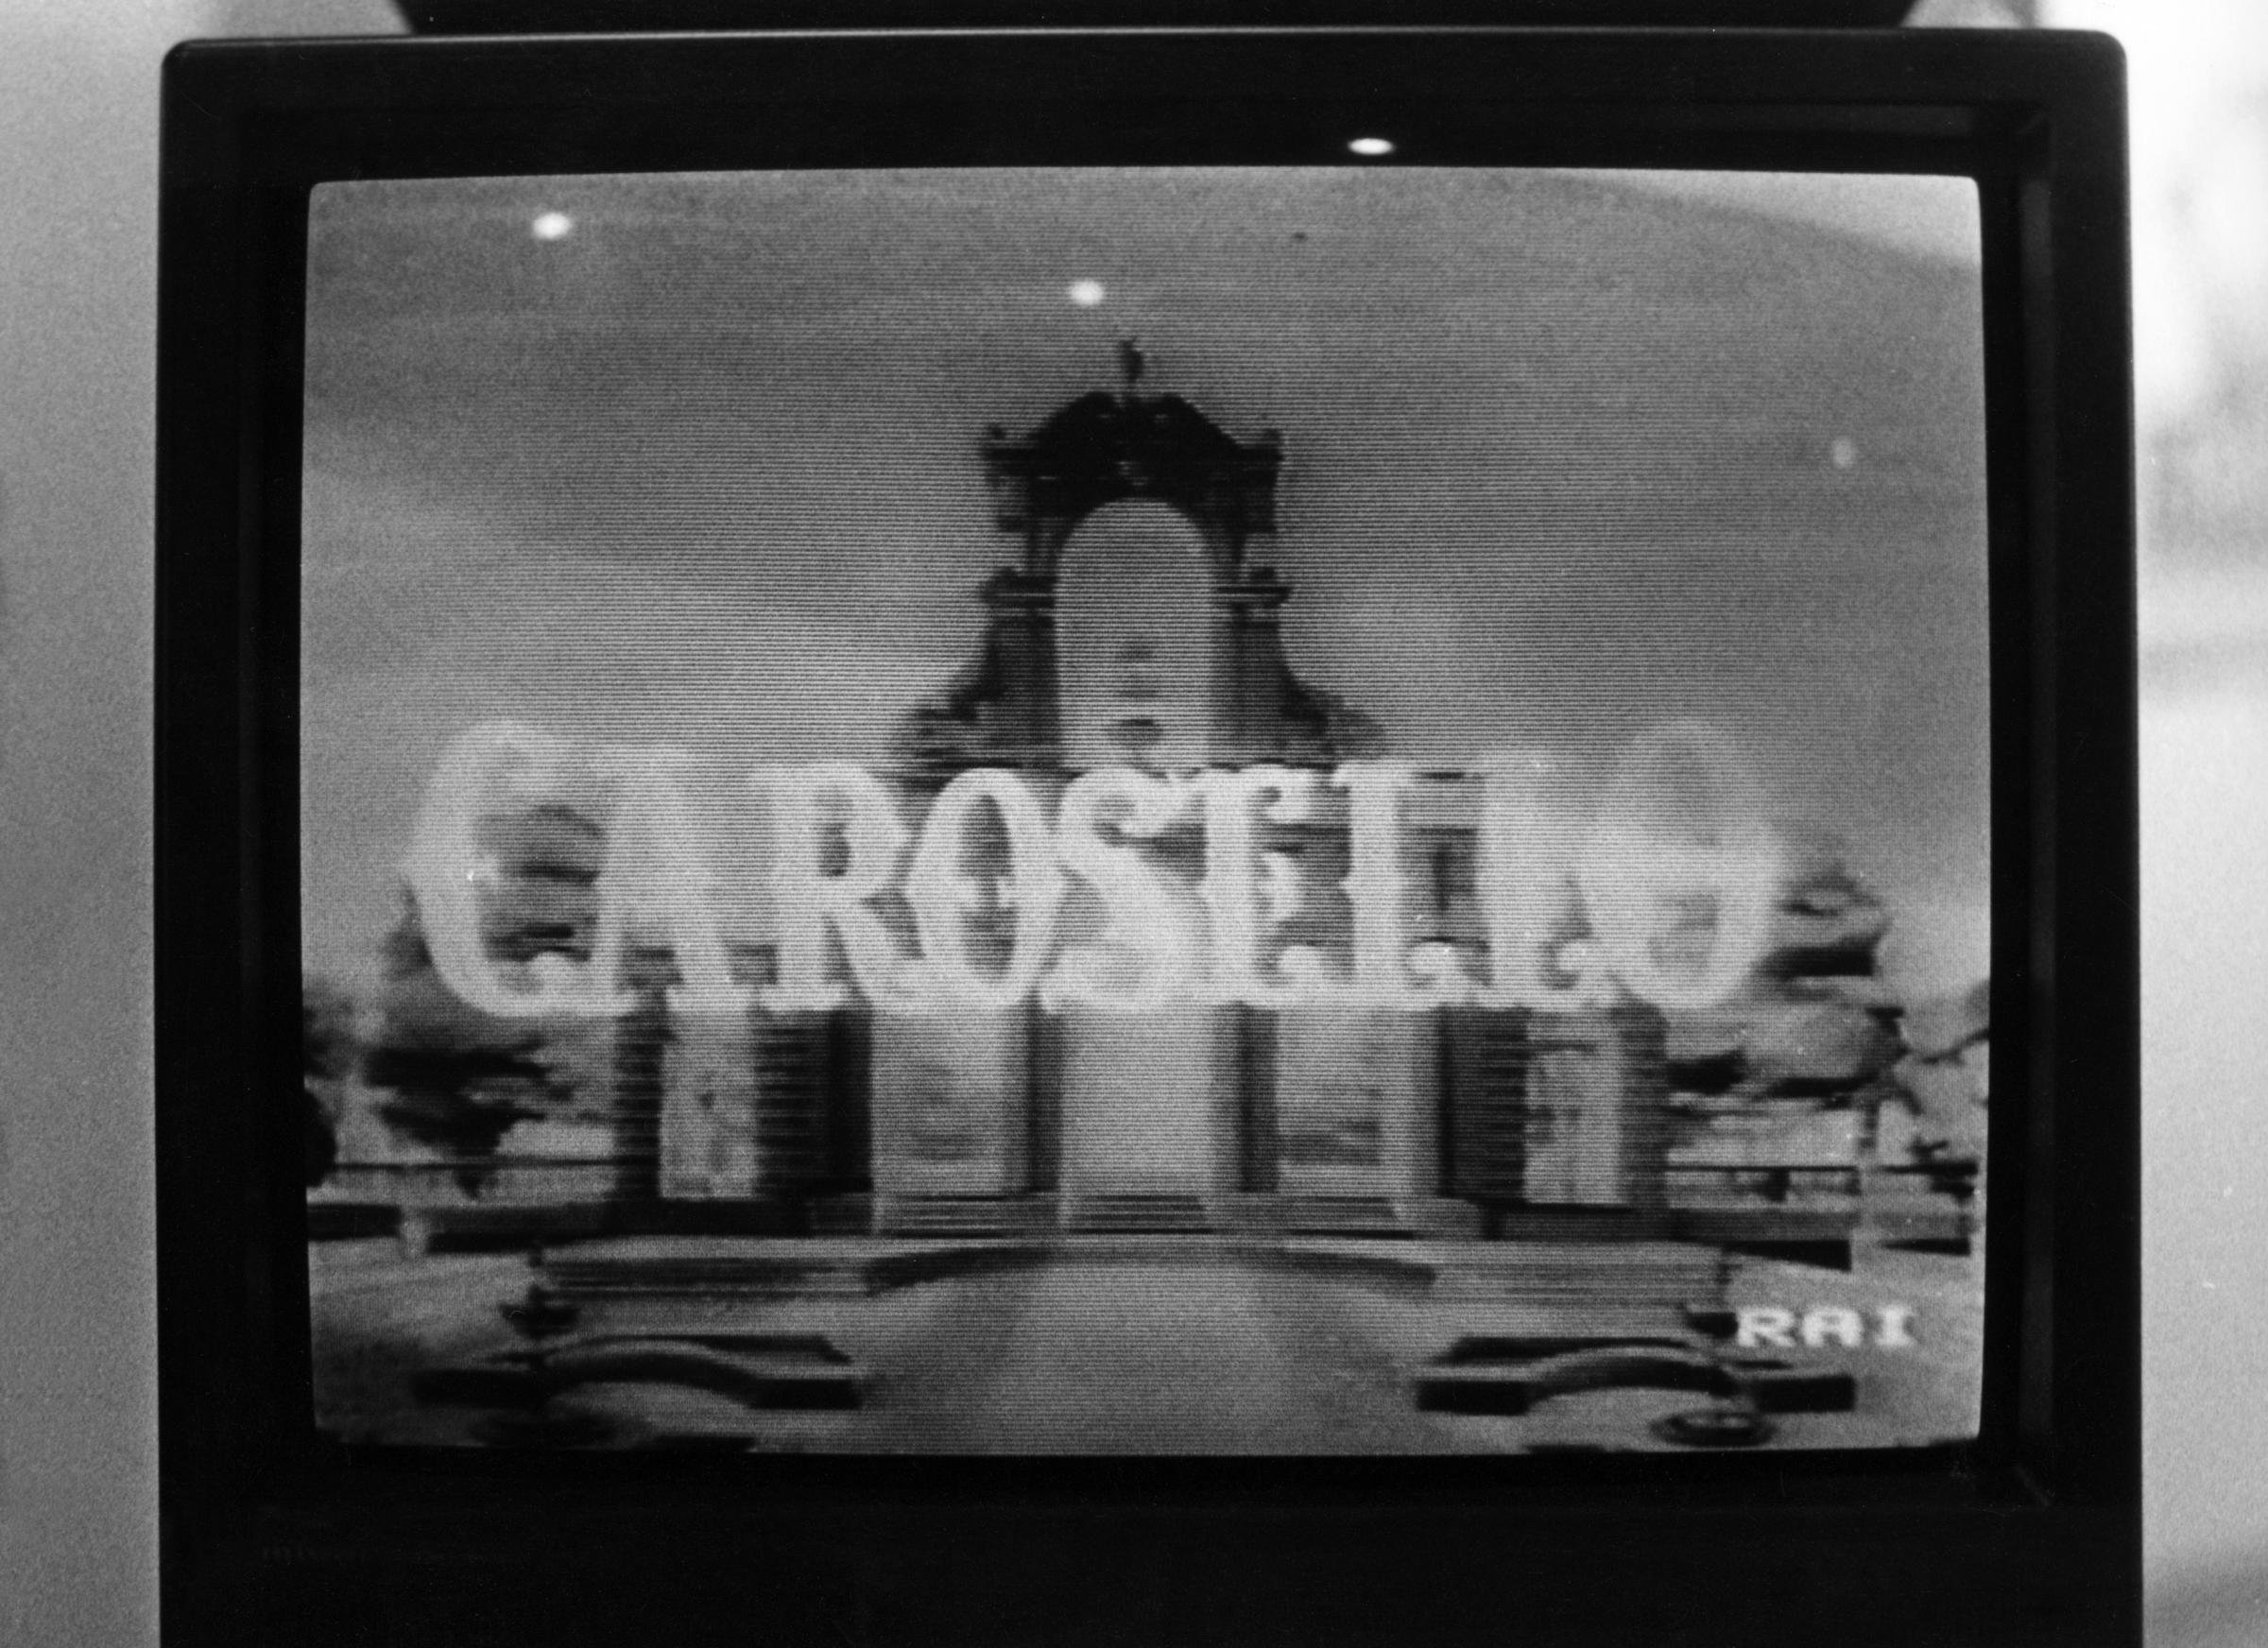 Cos'è il Carosello, il format della tv degli anni 60